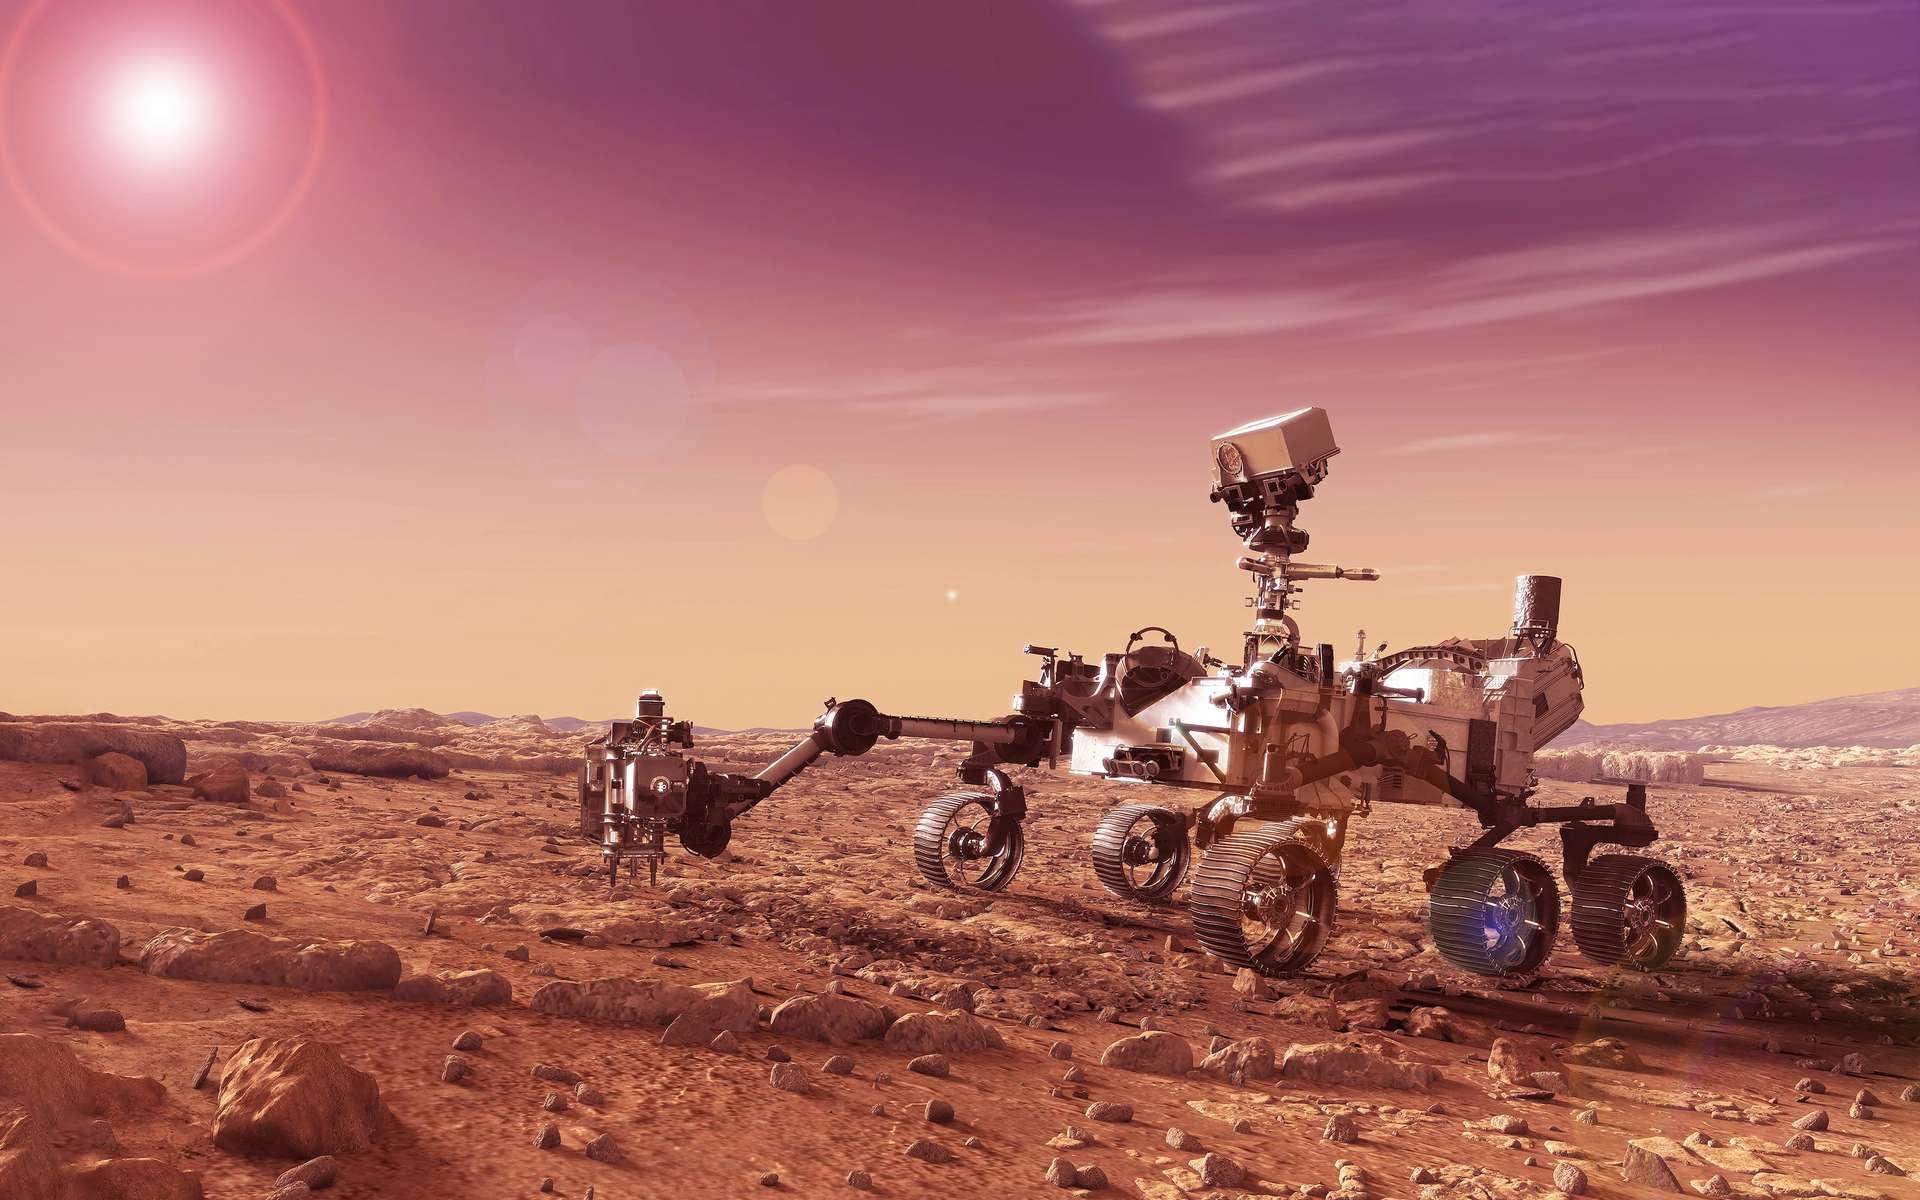 Des chercheurs affirment avoir des preuves que des champignons poussent sur Mars. Et ce n'est pas la première fois. Mais lesdites preuves semblent bien fragiles. © Artsiom P, Adobe Stock